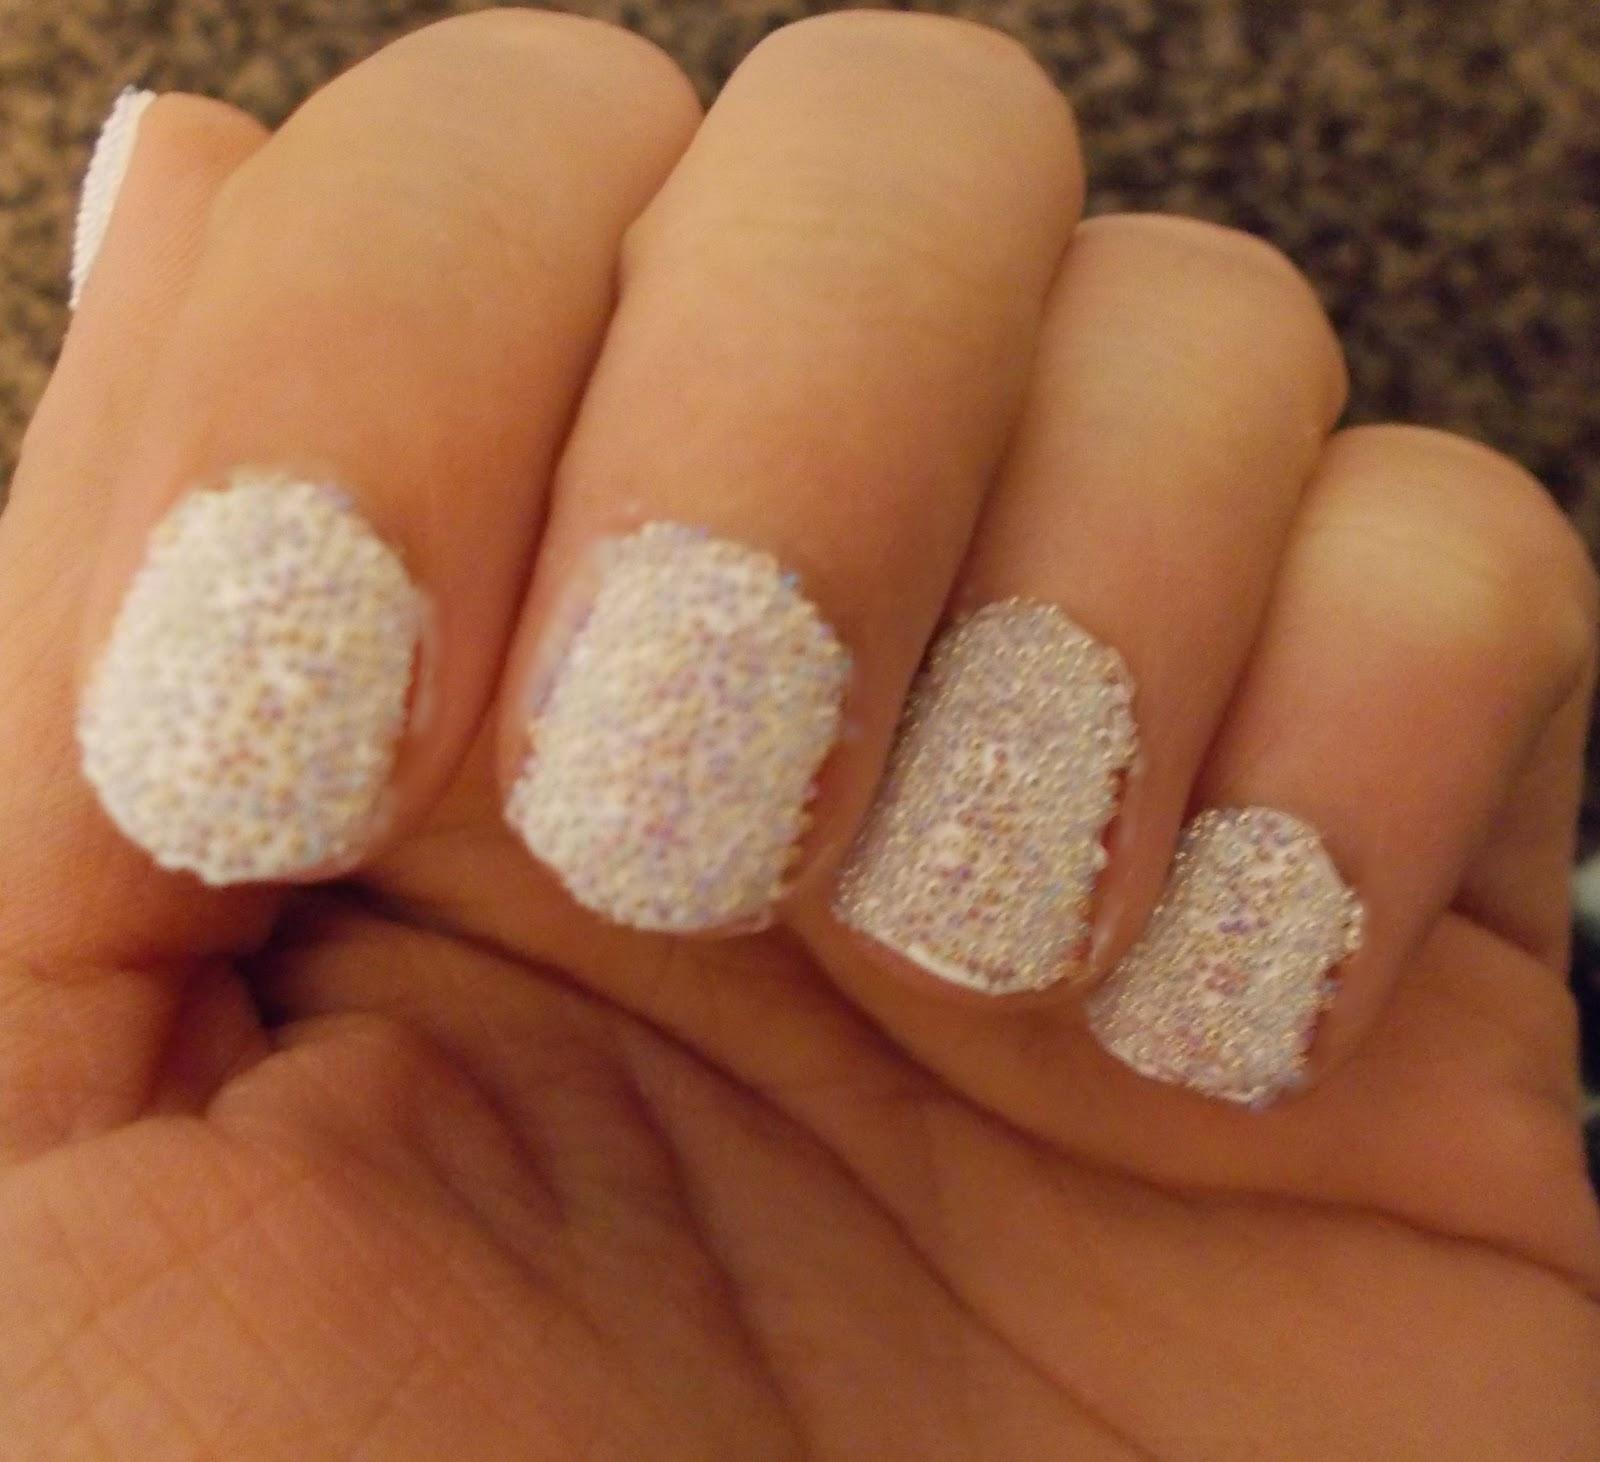 Ciate Caviar Pearls: Shanice's Beauty.: Ciate Caviar Manicure